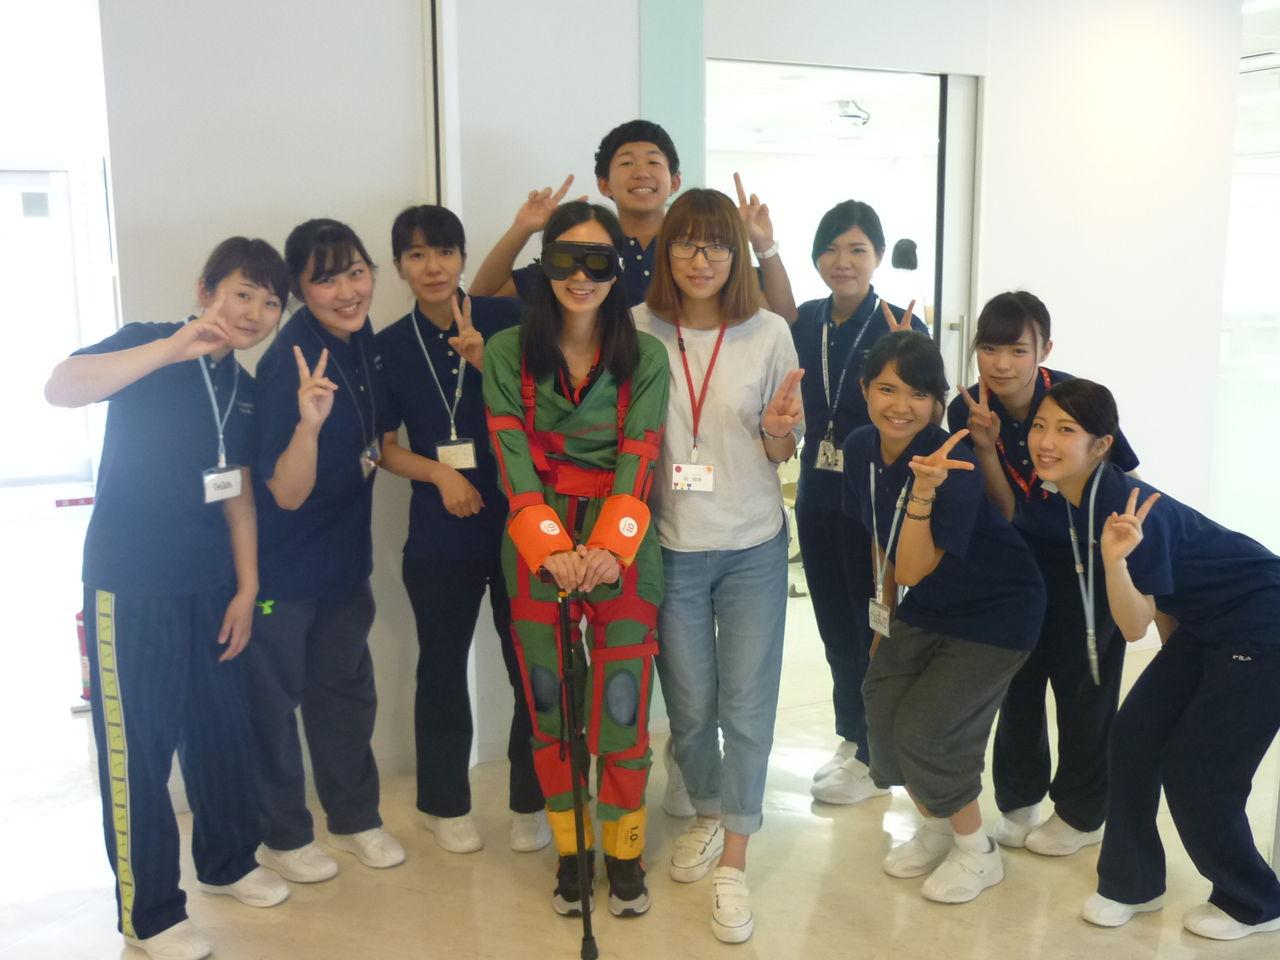 岡山赤十字看護専門学校 | 岡山赤十字病院